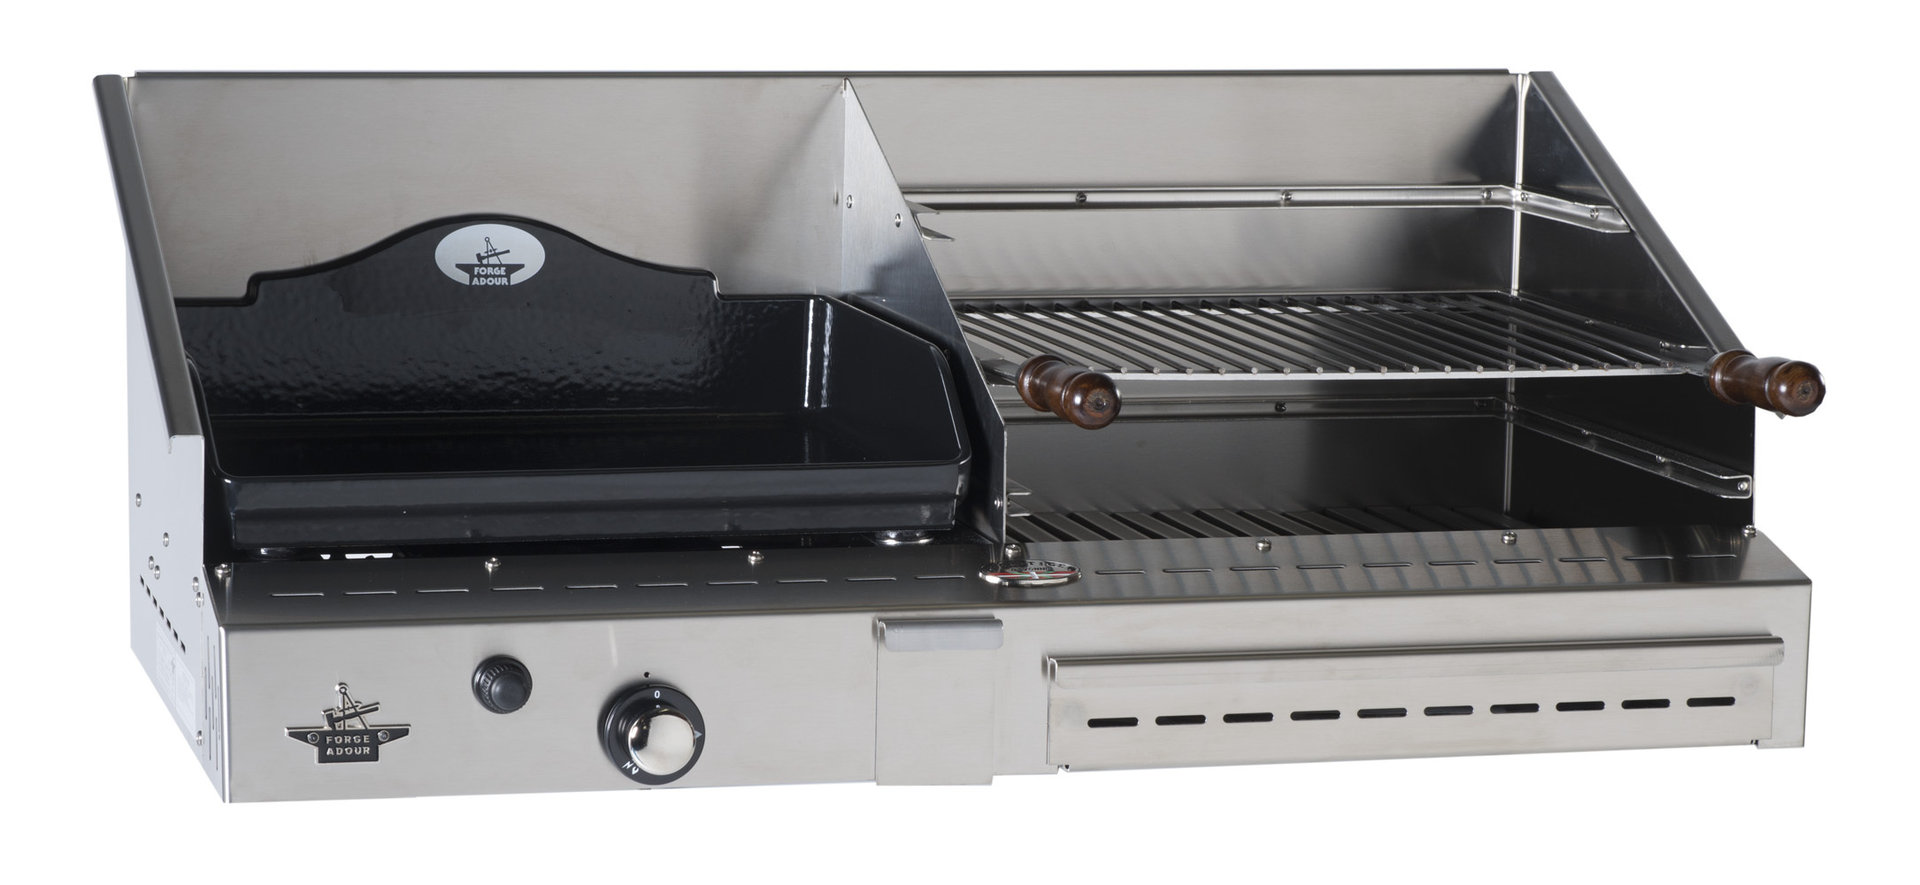 Duo plancha de gas y barbacoa 500 inox the barbecue store - Plancha para cocina a gas ...